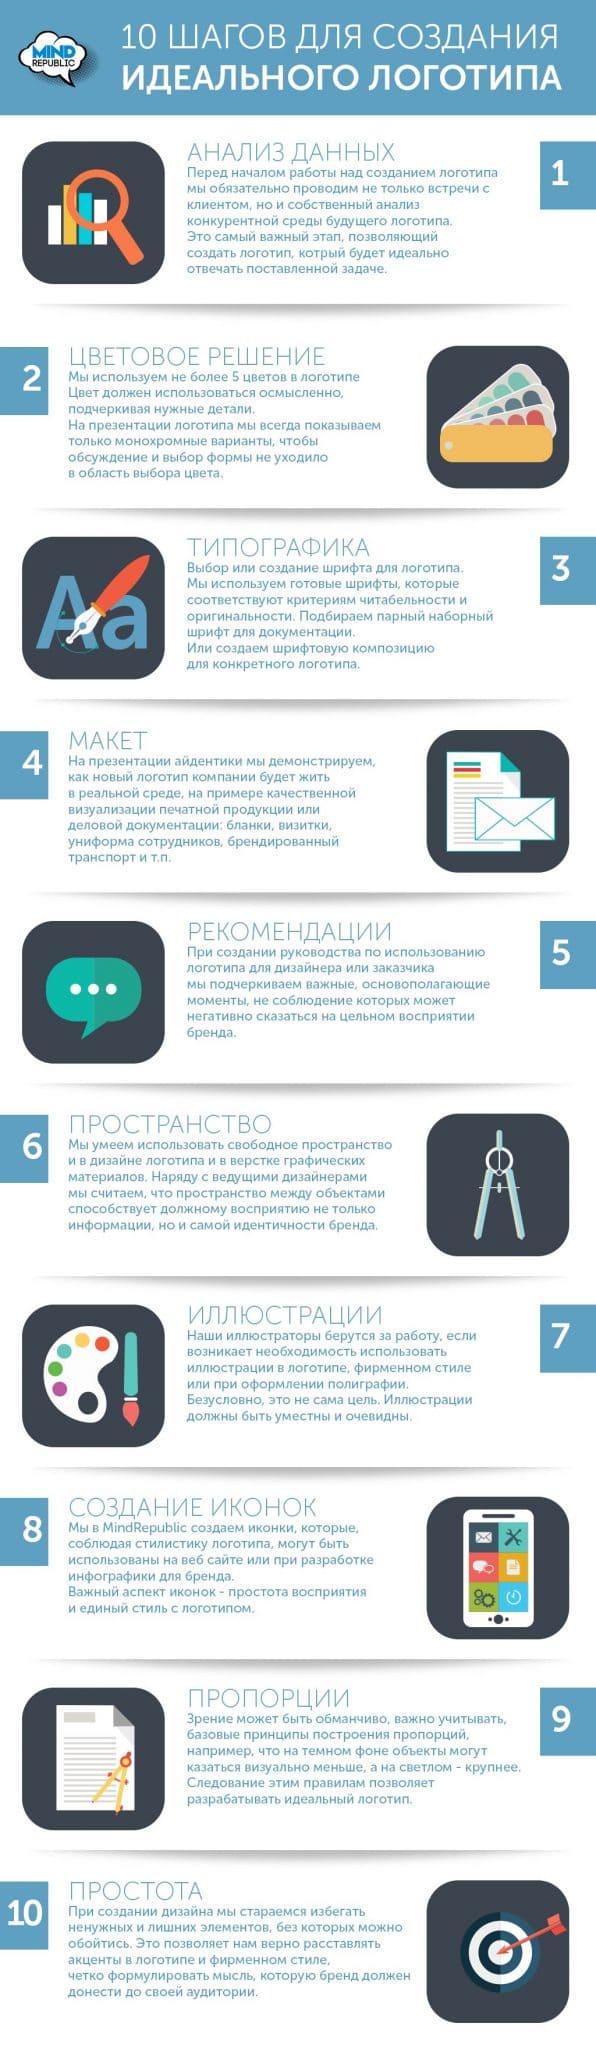 Заказать логотип в Москве. Разработка логотипа компании процесс. Инфографика. Создание логотипа компании